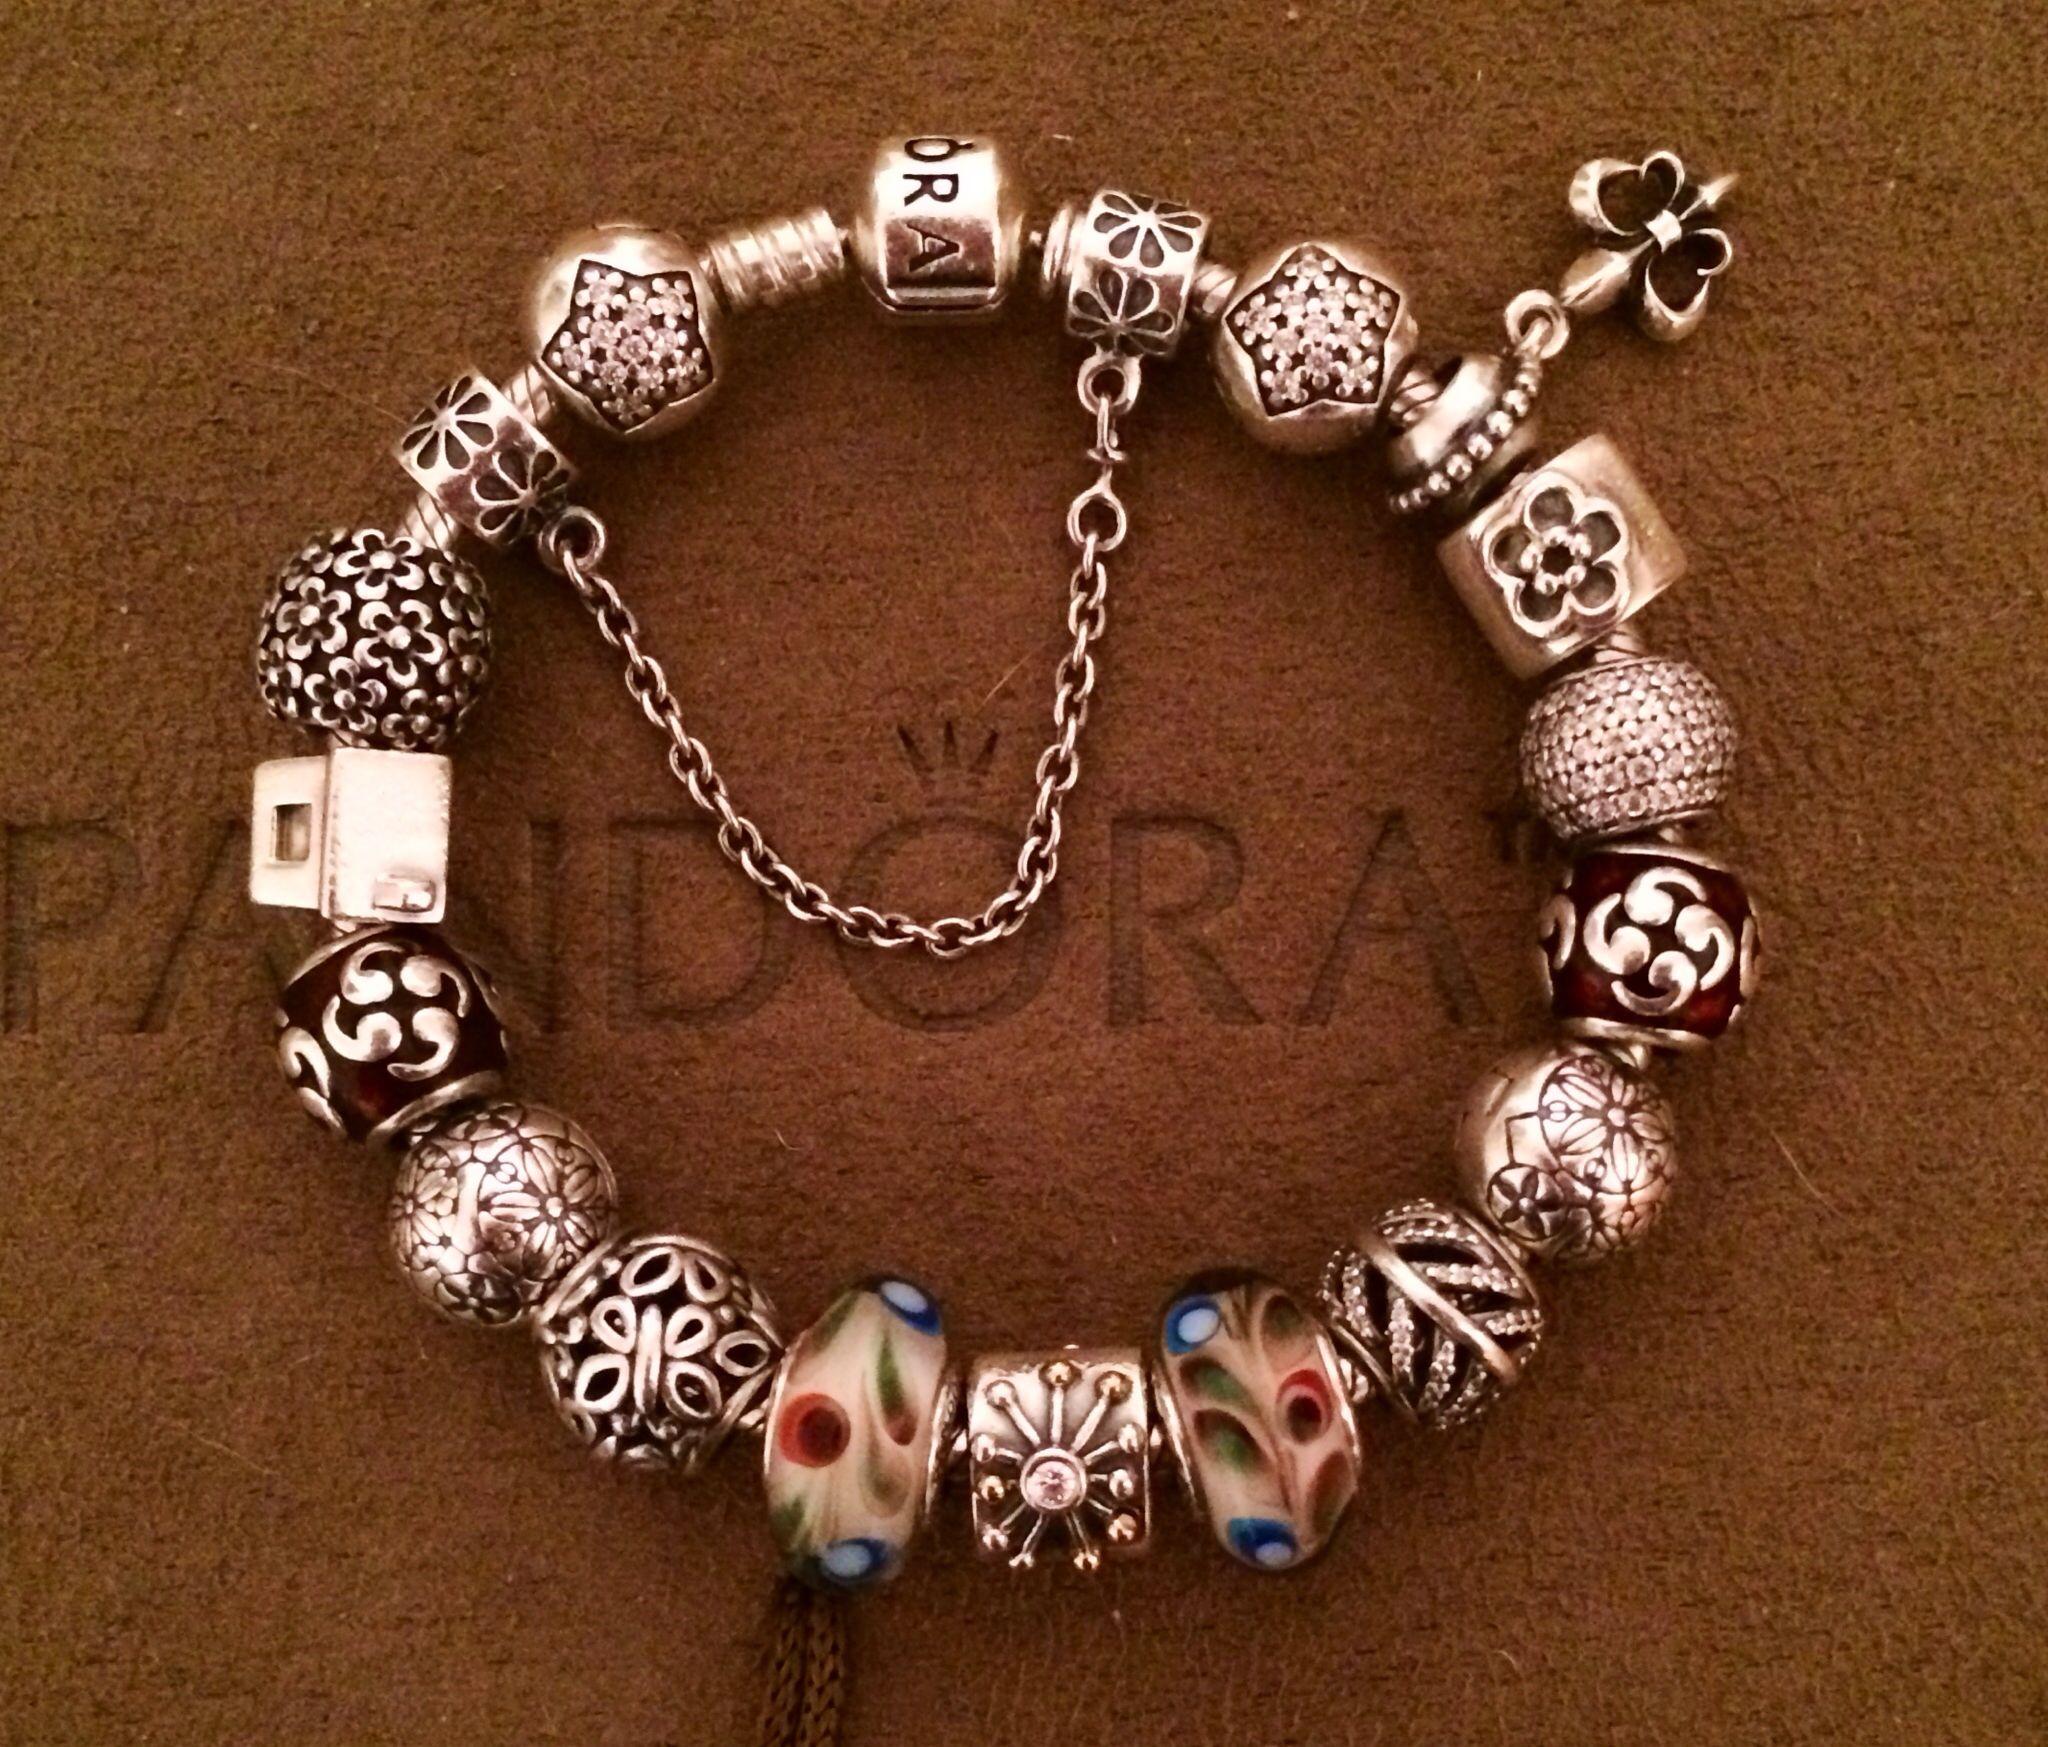 elisa ilana pandora jewelry coupons